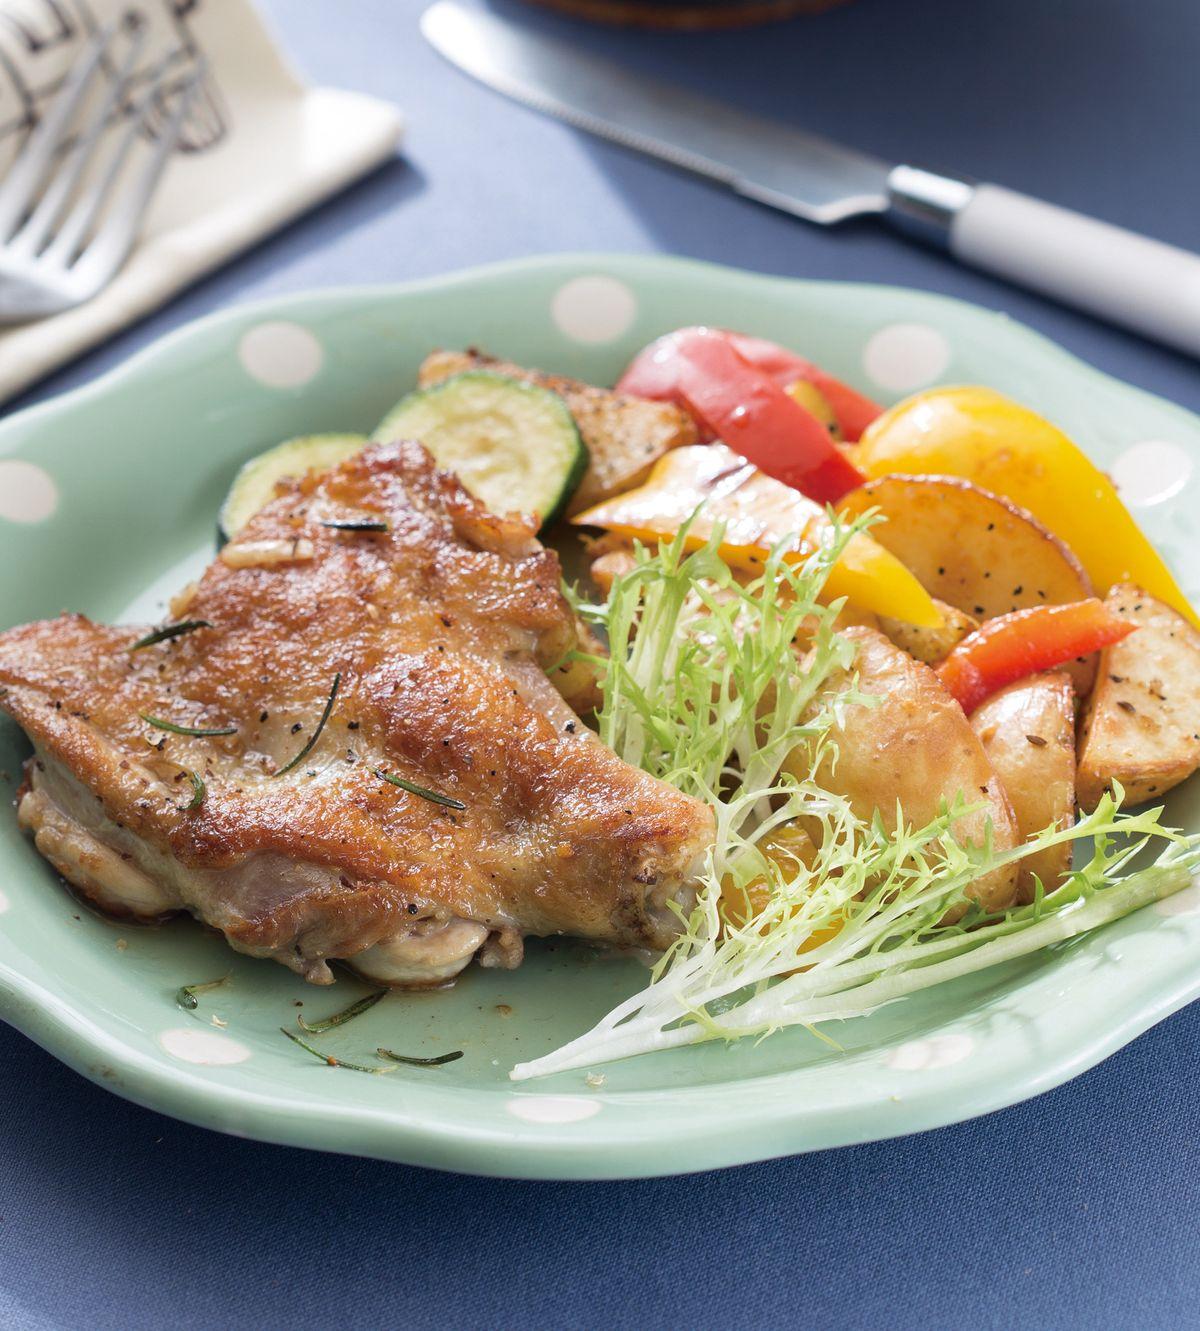 食譜:普羅旺斯煎雞排